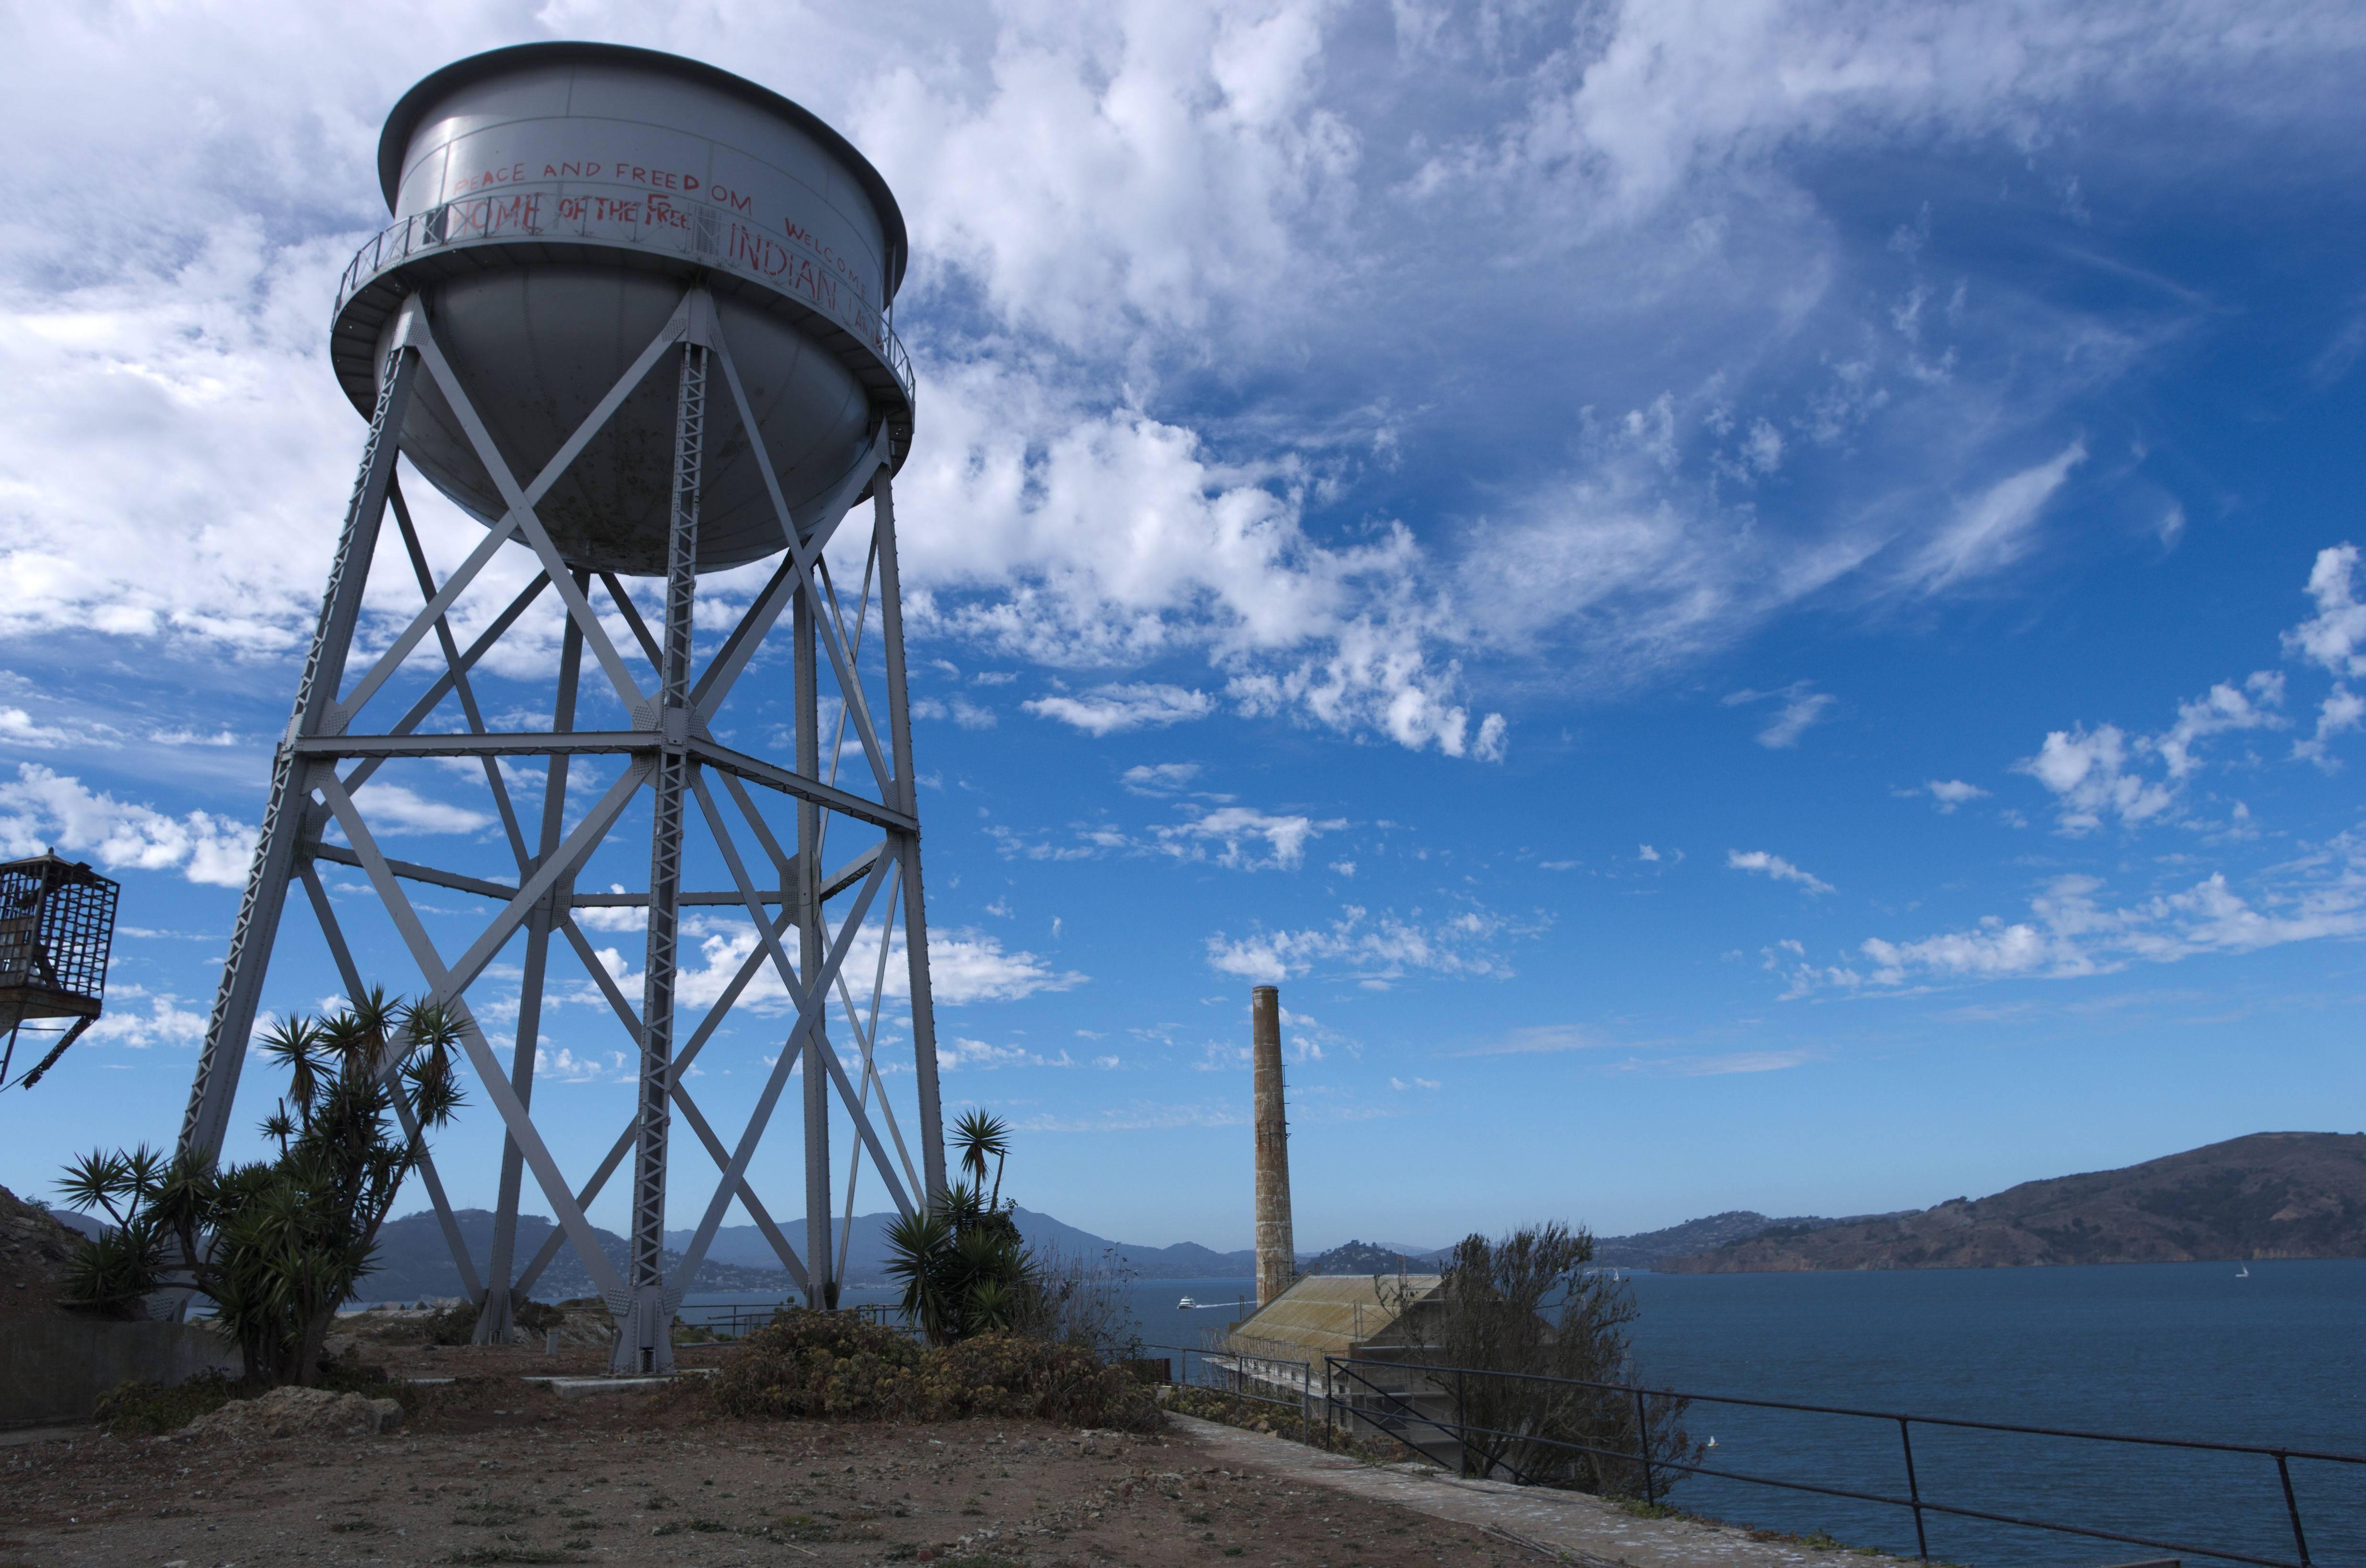 Photo 1: Visite guidée d'Alcatraz